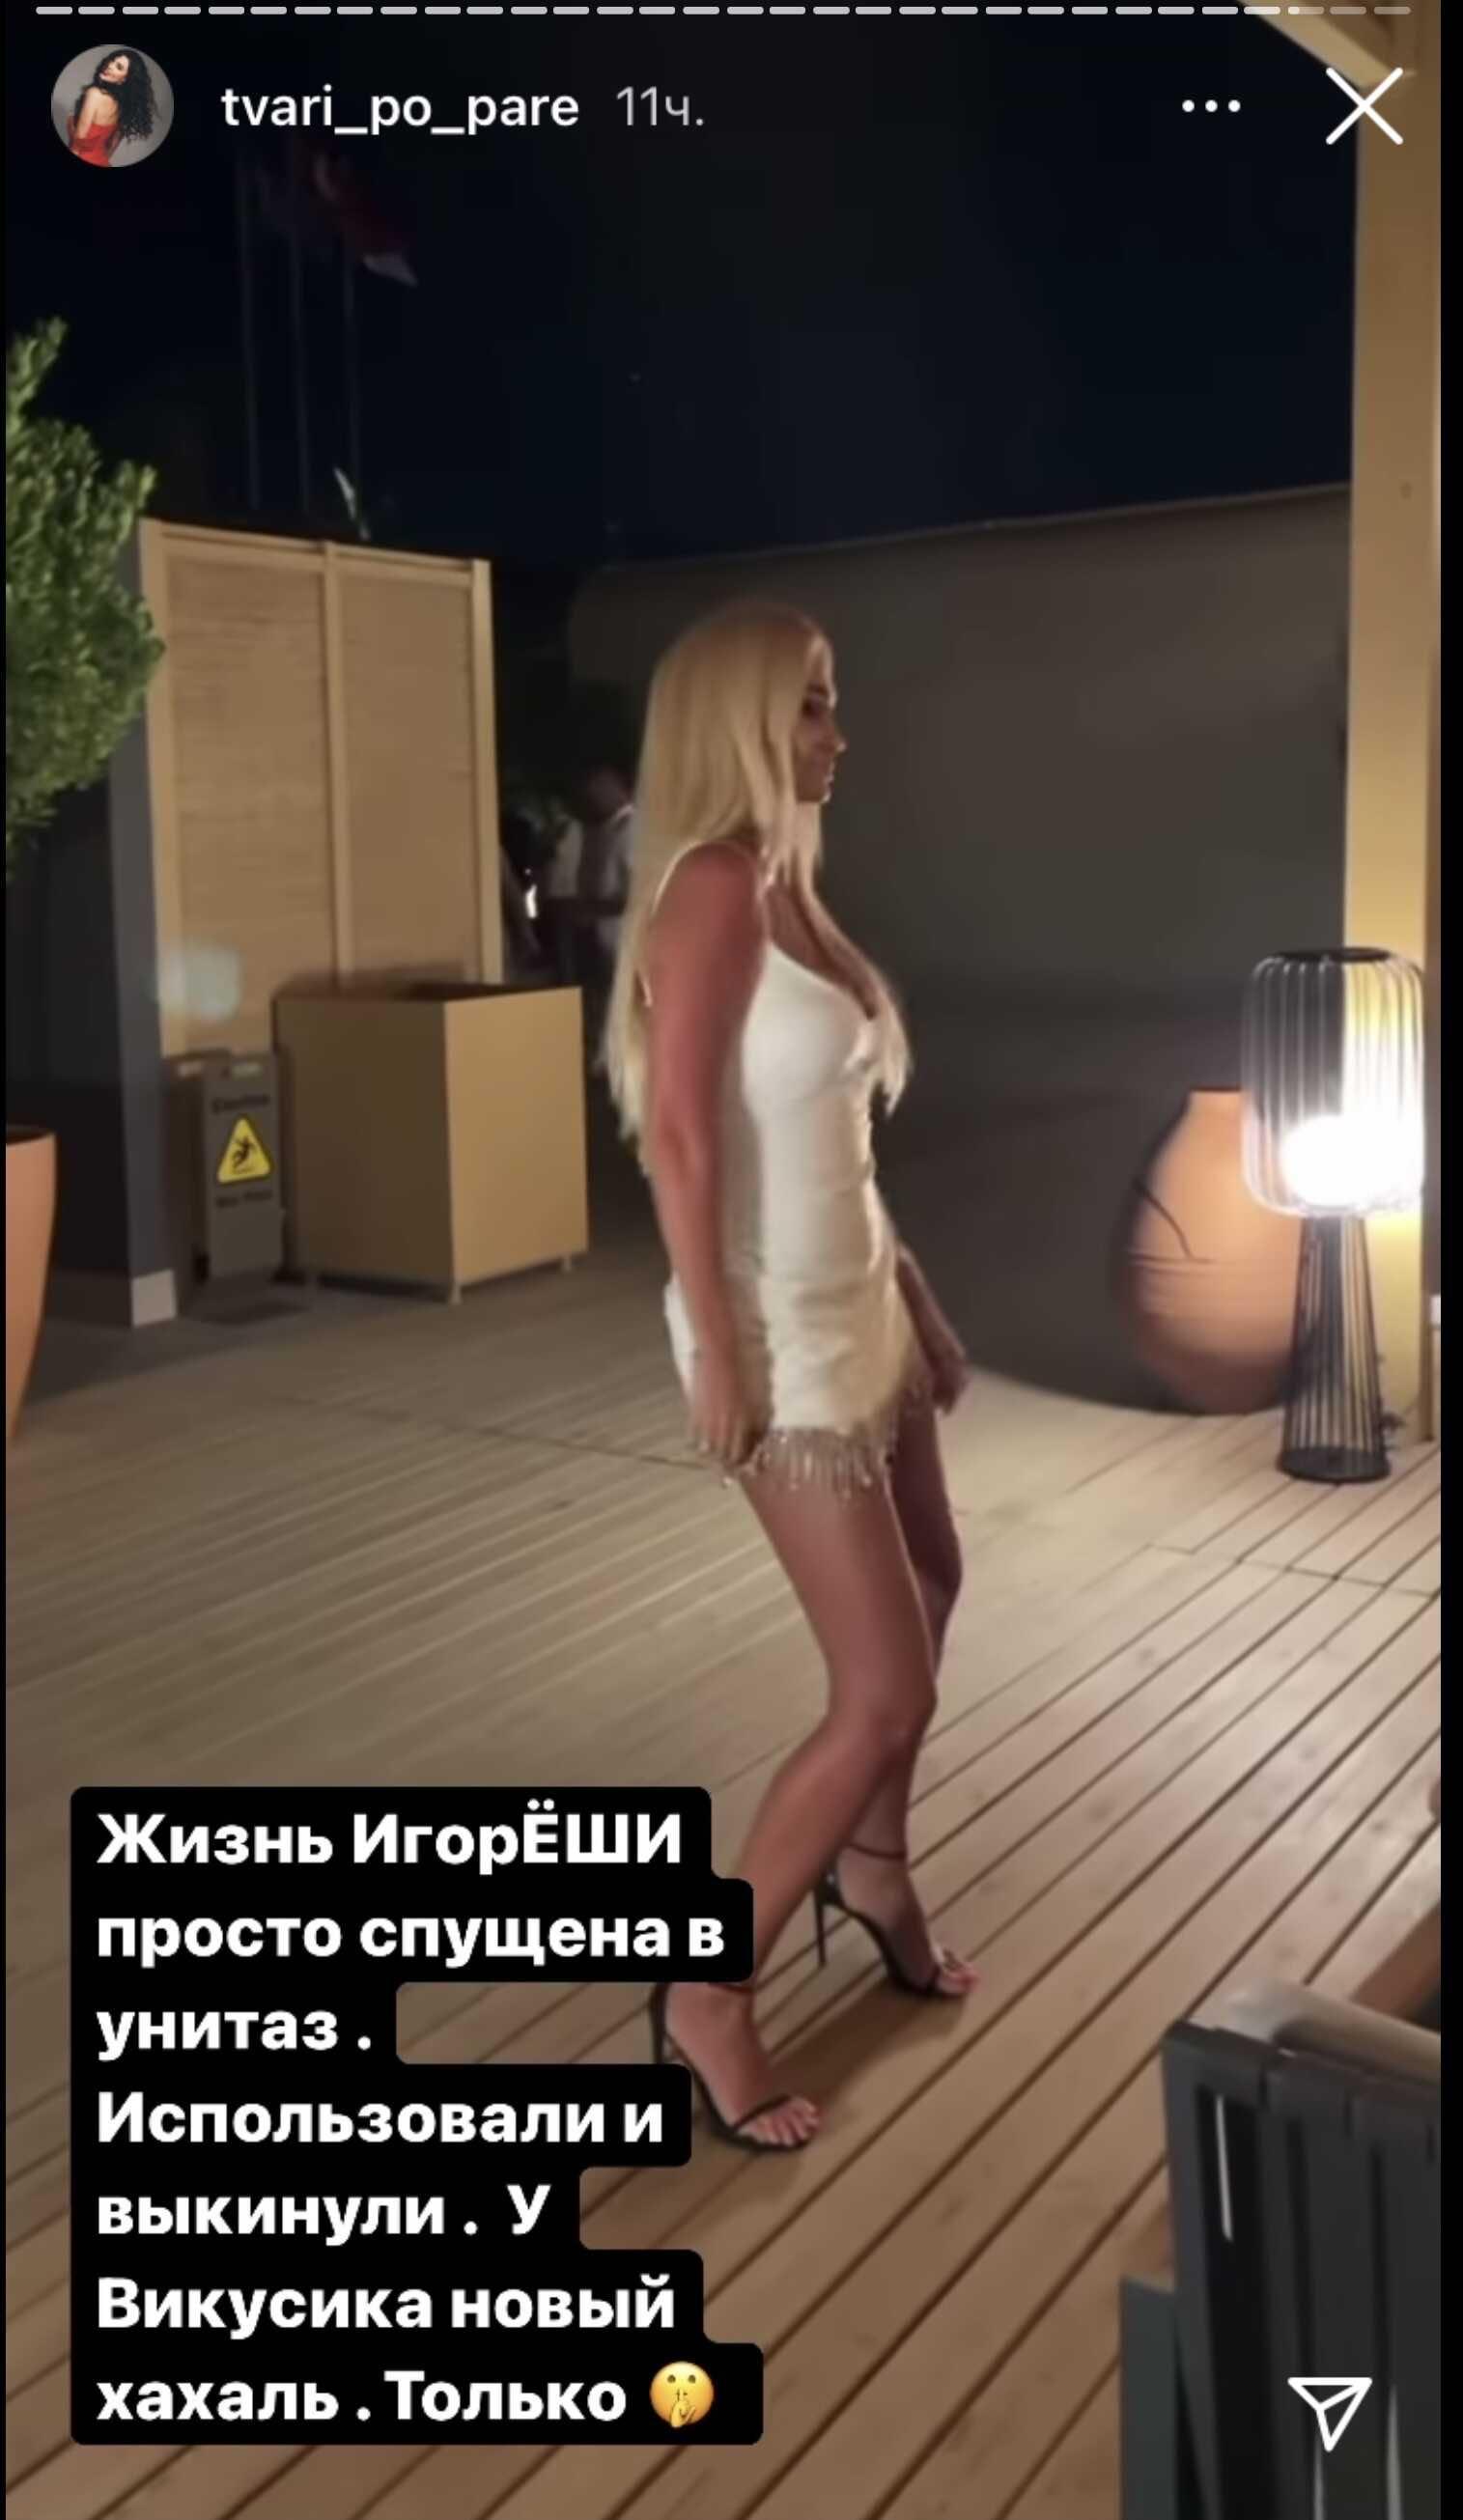 «Жизнь Игорёши спущена в унитаз»: в сети обсуждают нового бойфренда Виктории Лопыревой